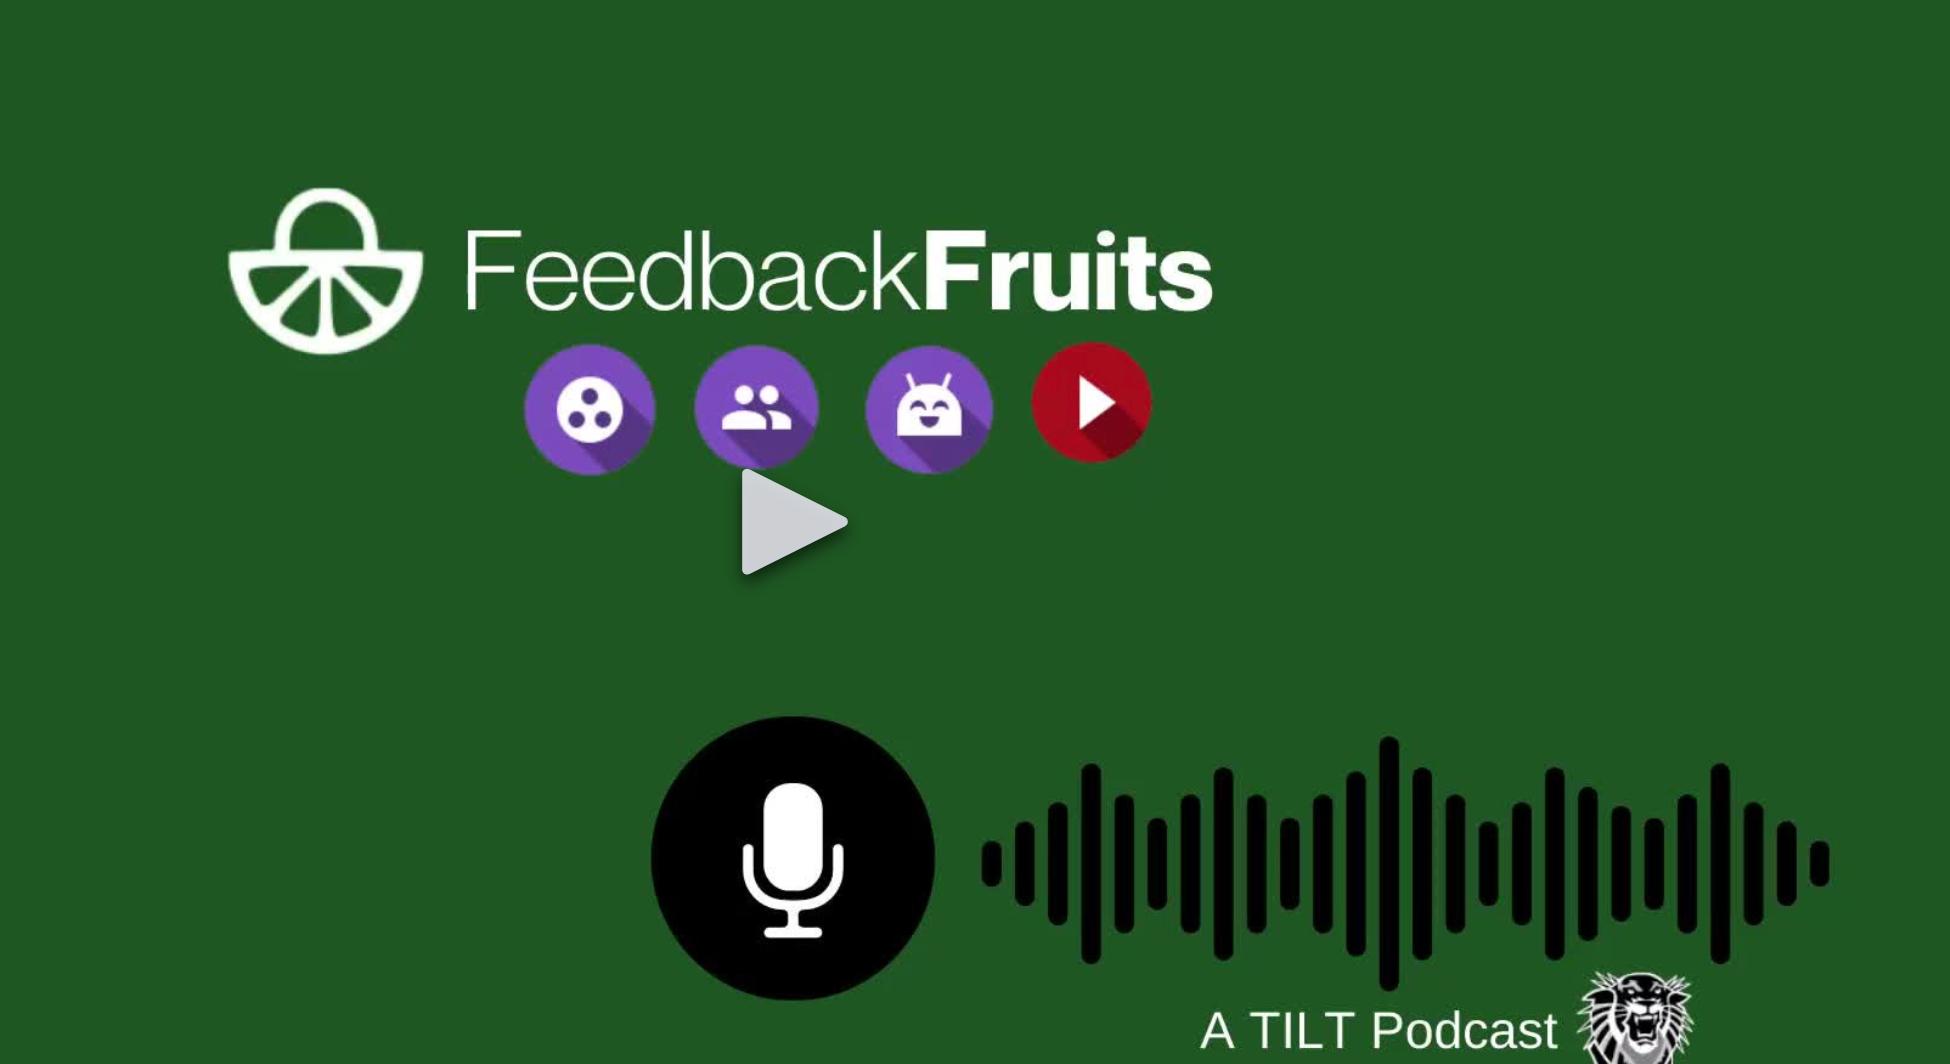 FeedbackFruits Podcast